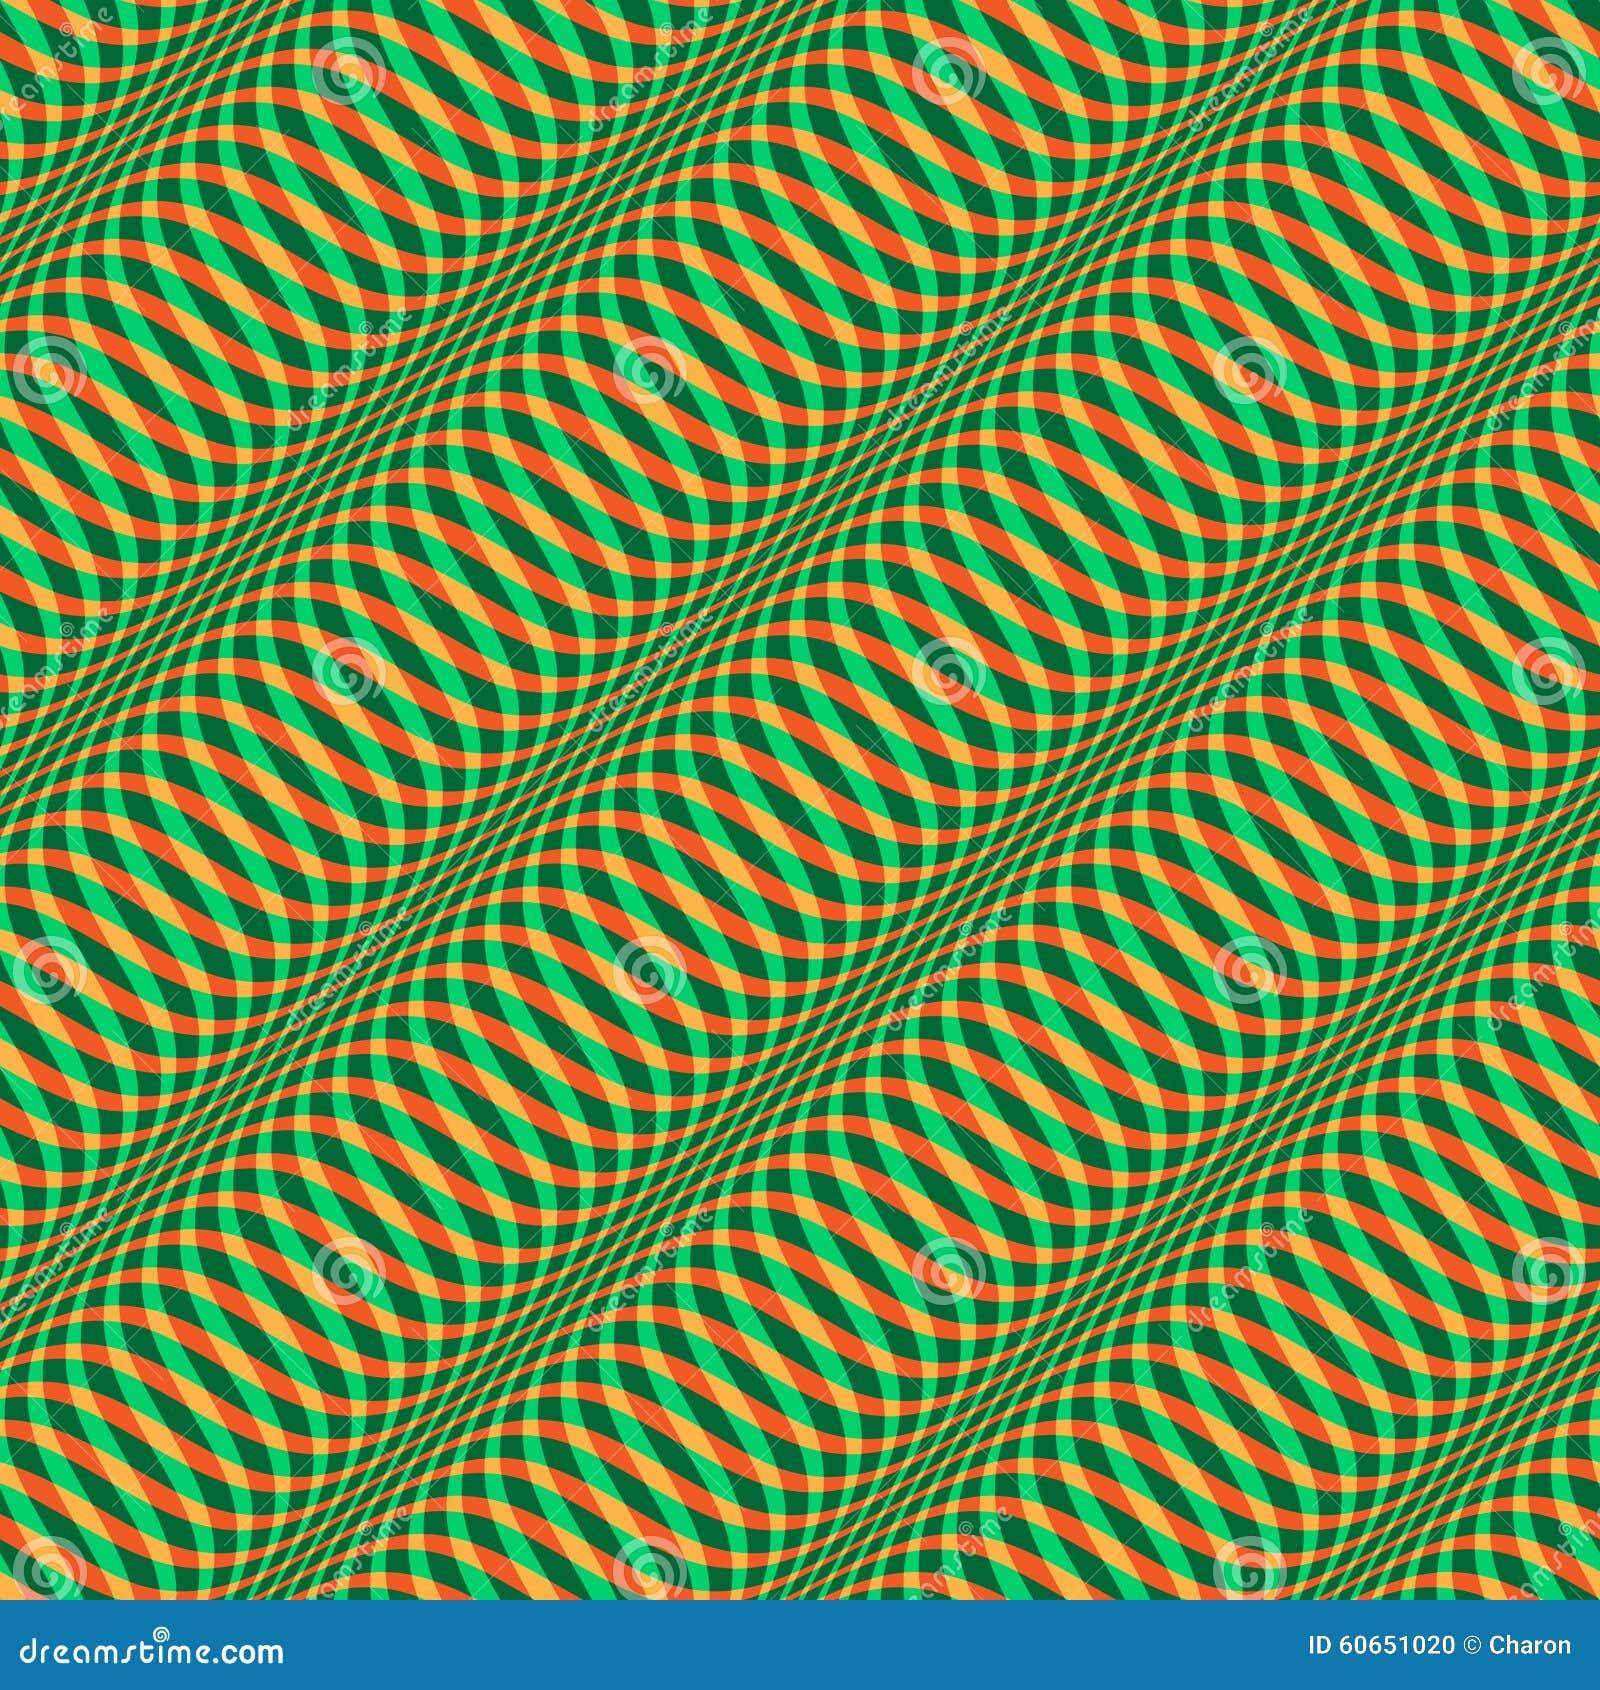 Wavy Christmas pattern seamless